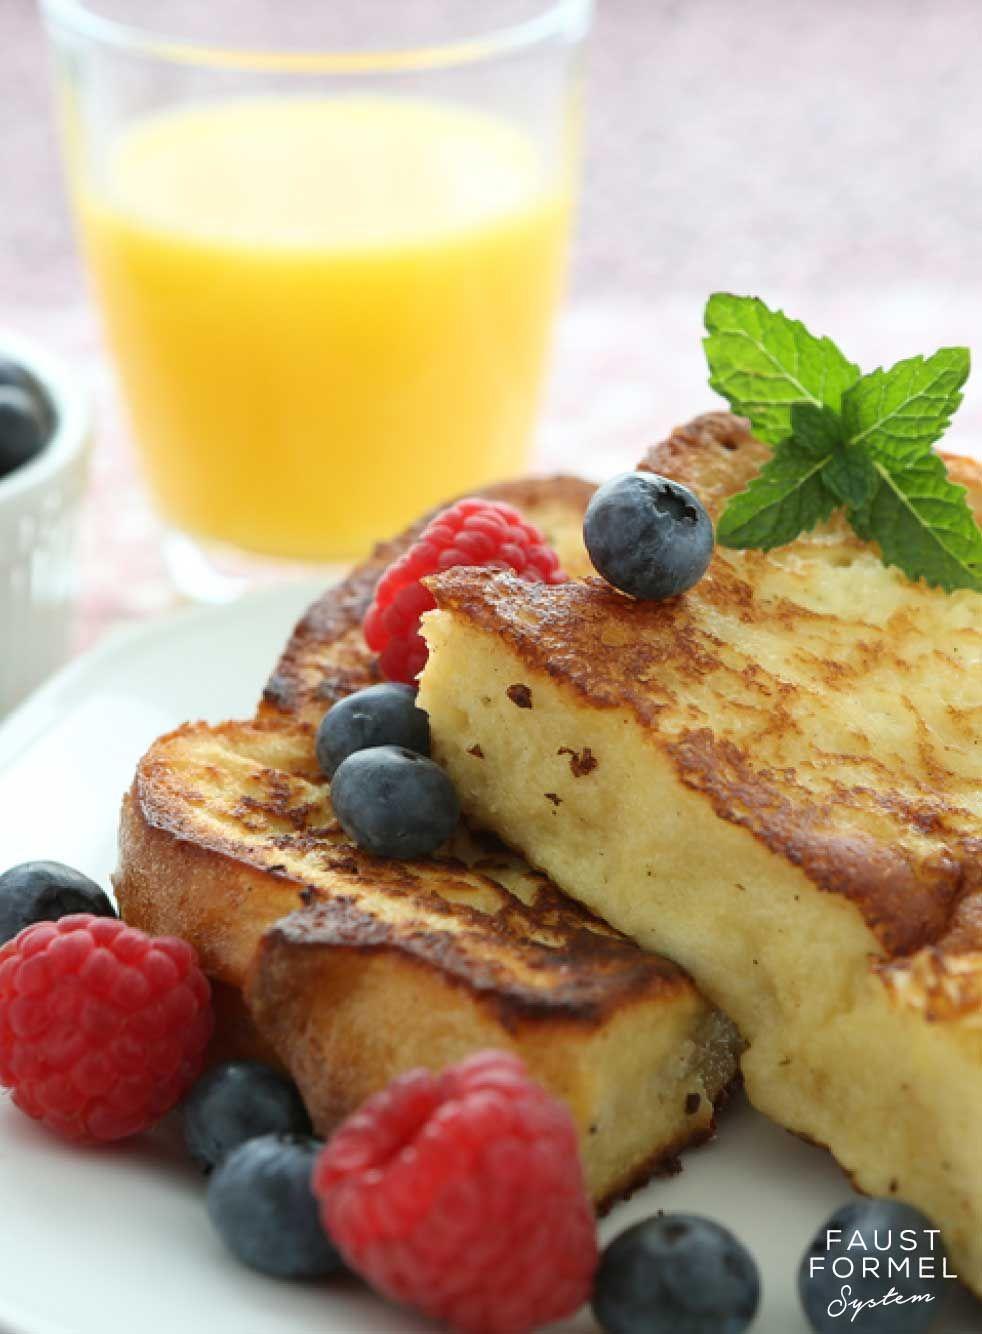 Süßes Frühstück: French Toast mit Beerenkompott - Faustformel System mit Sasha Walleczek